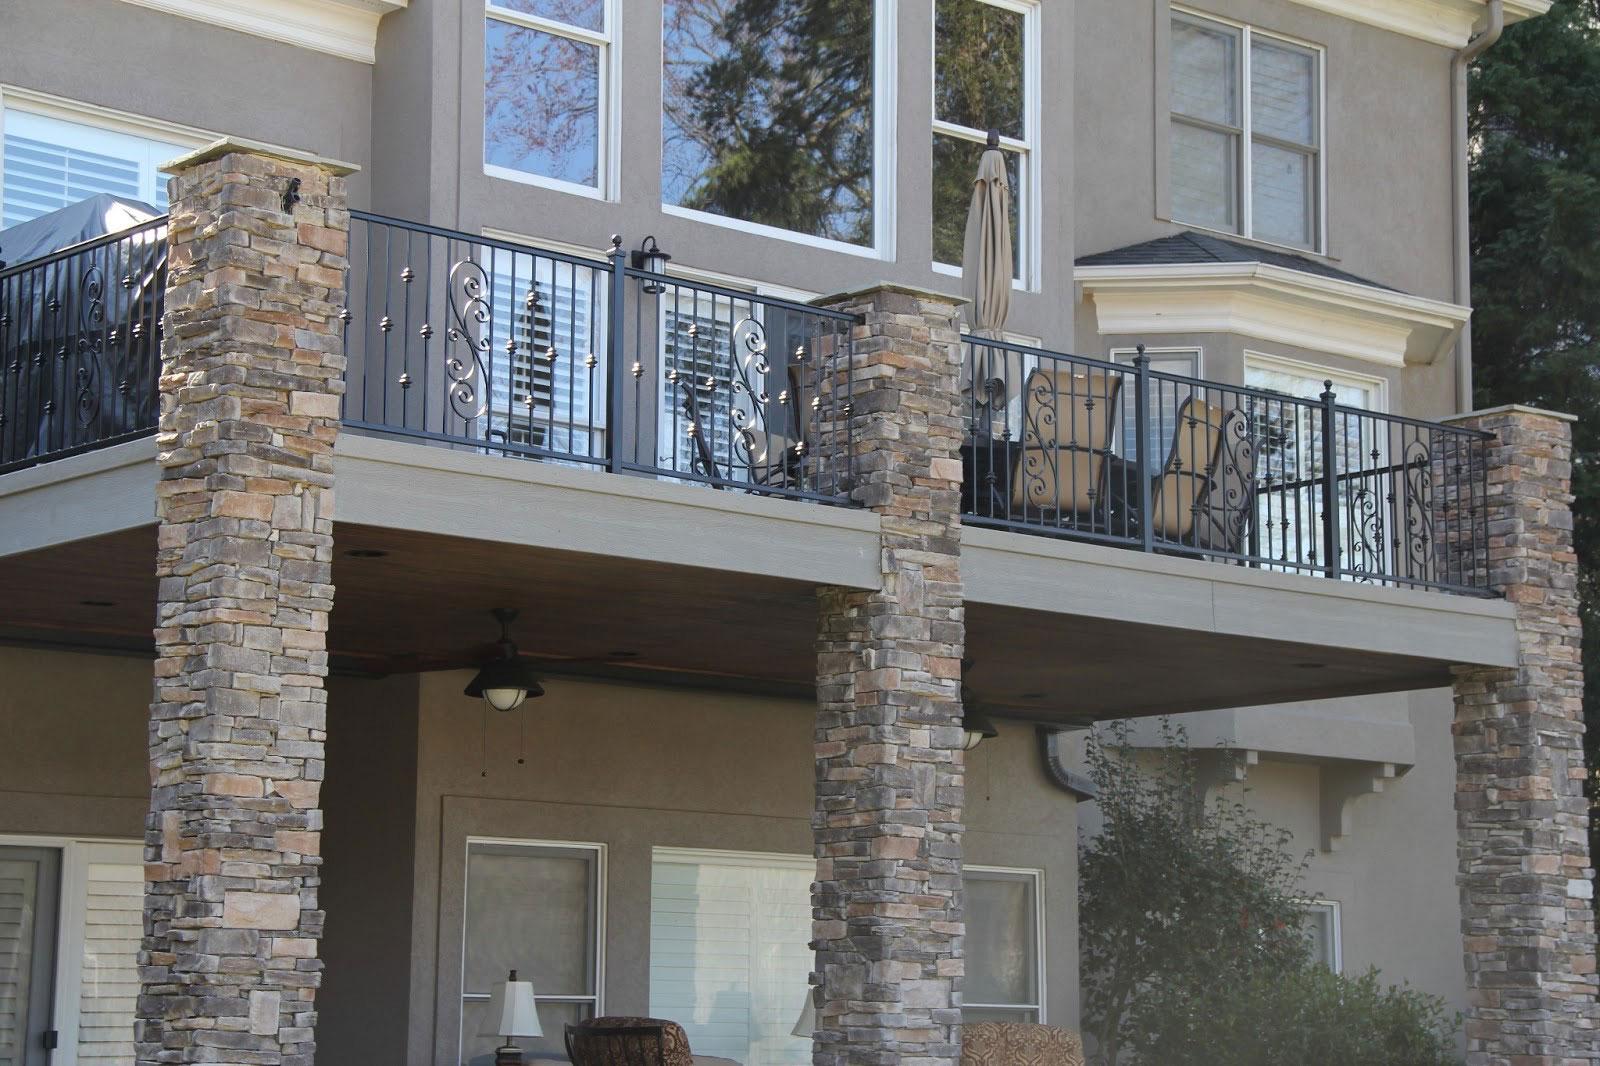 Ограждение для балкона современное